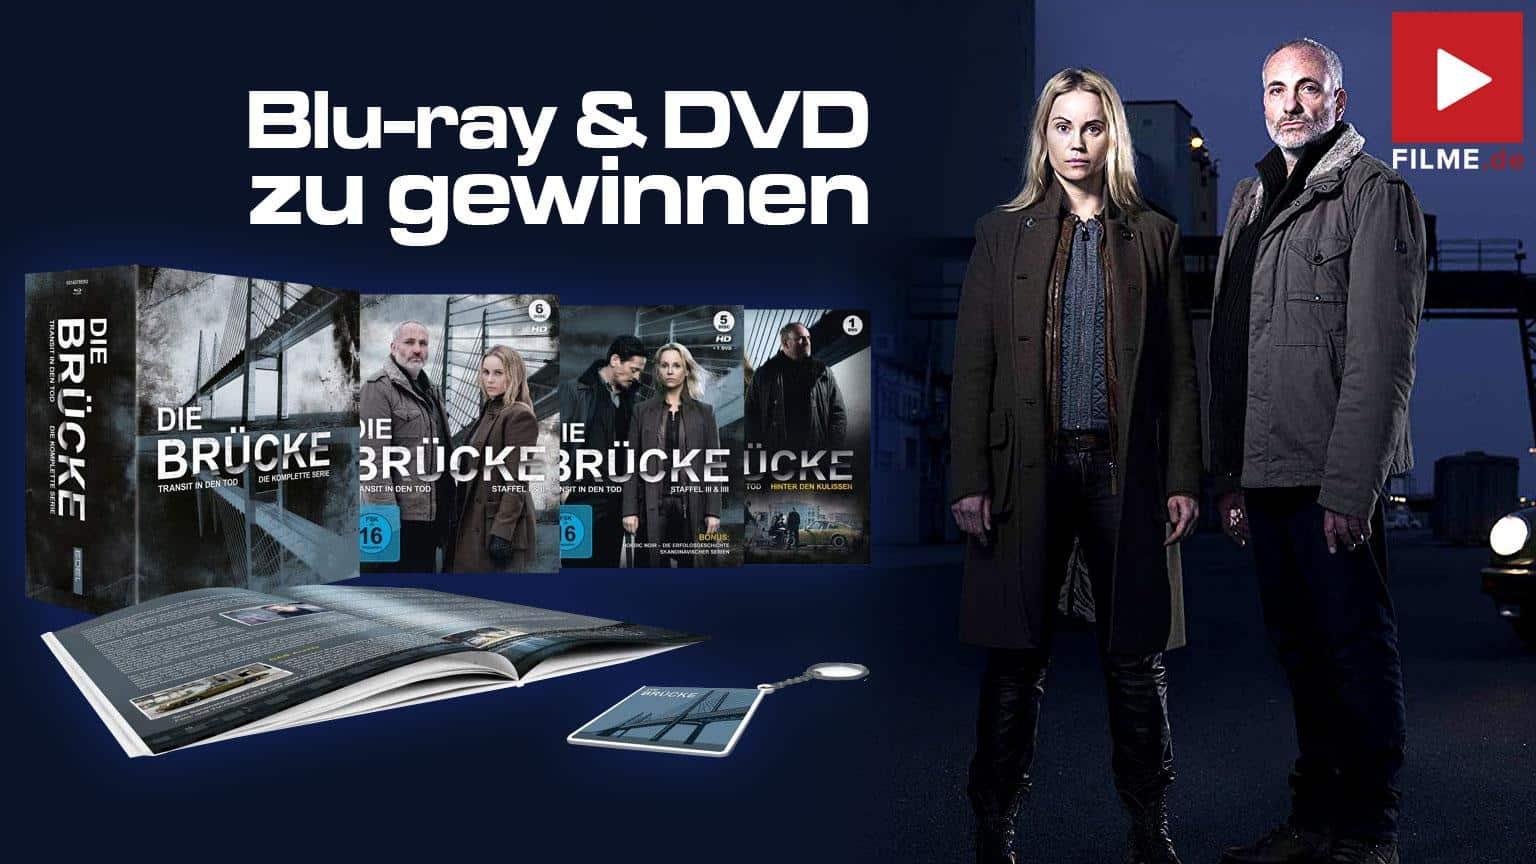 Die Brücke Blu-ray DVD Box Gewinnspiel Artikelbild